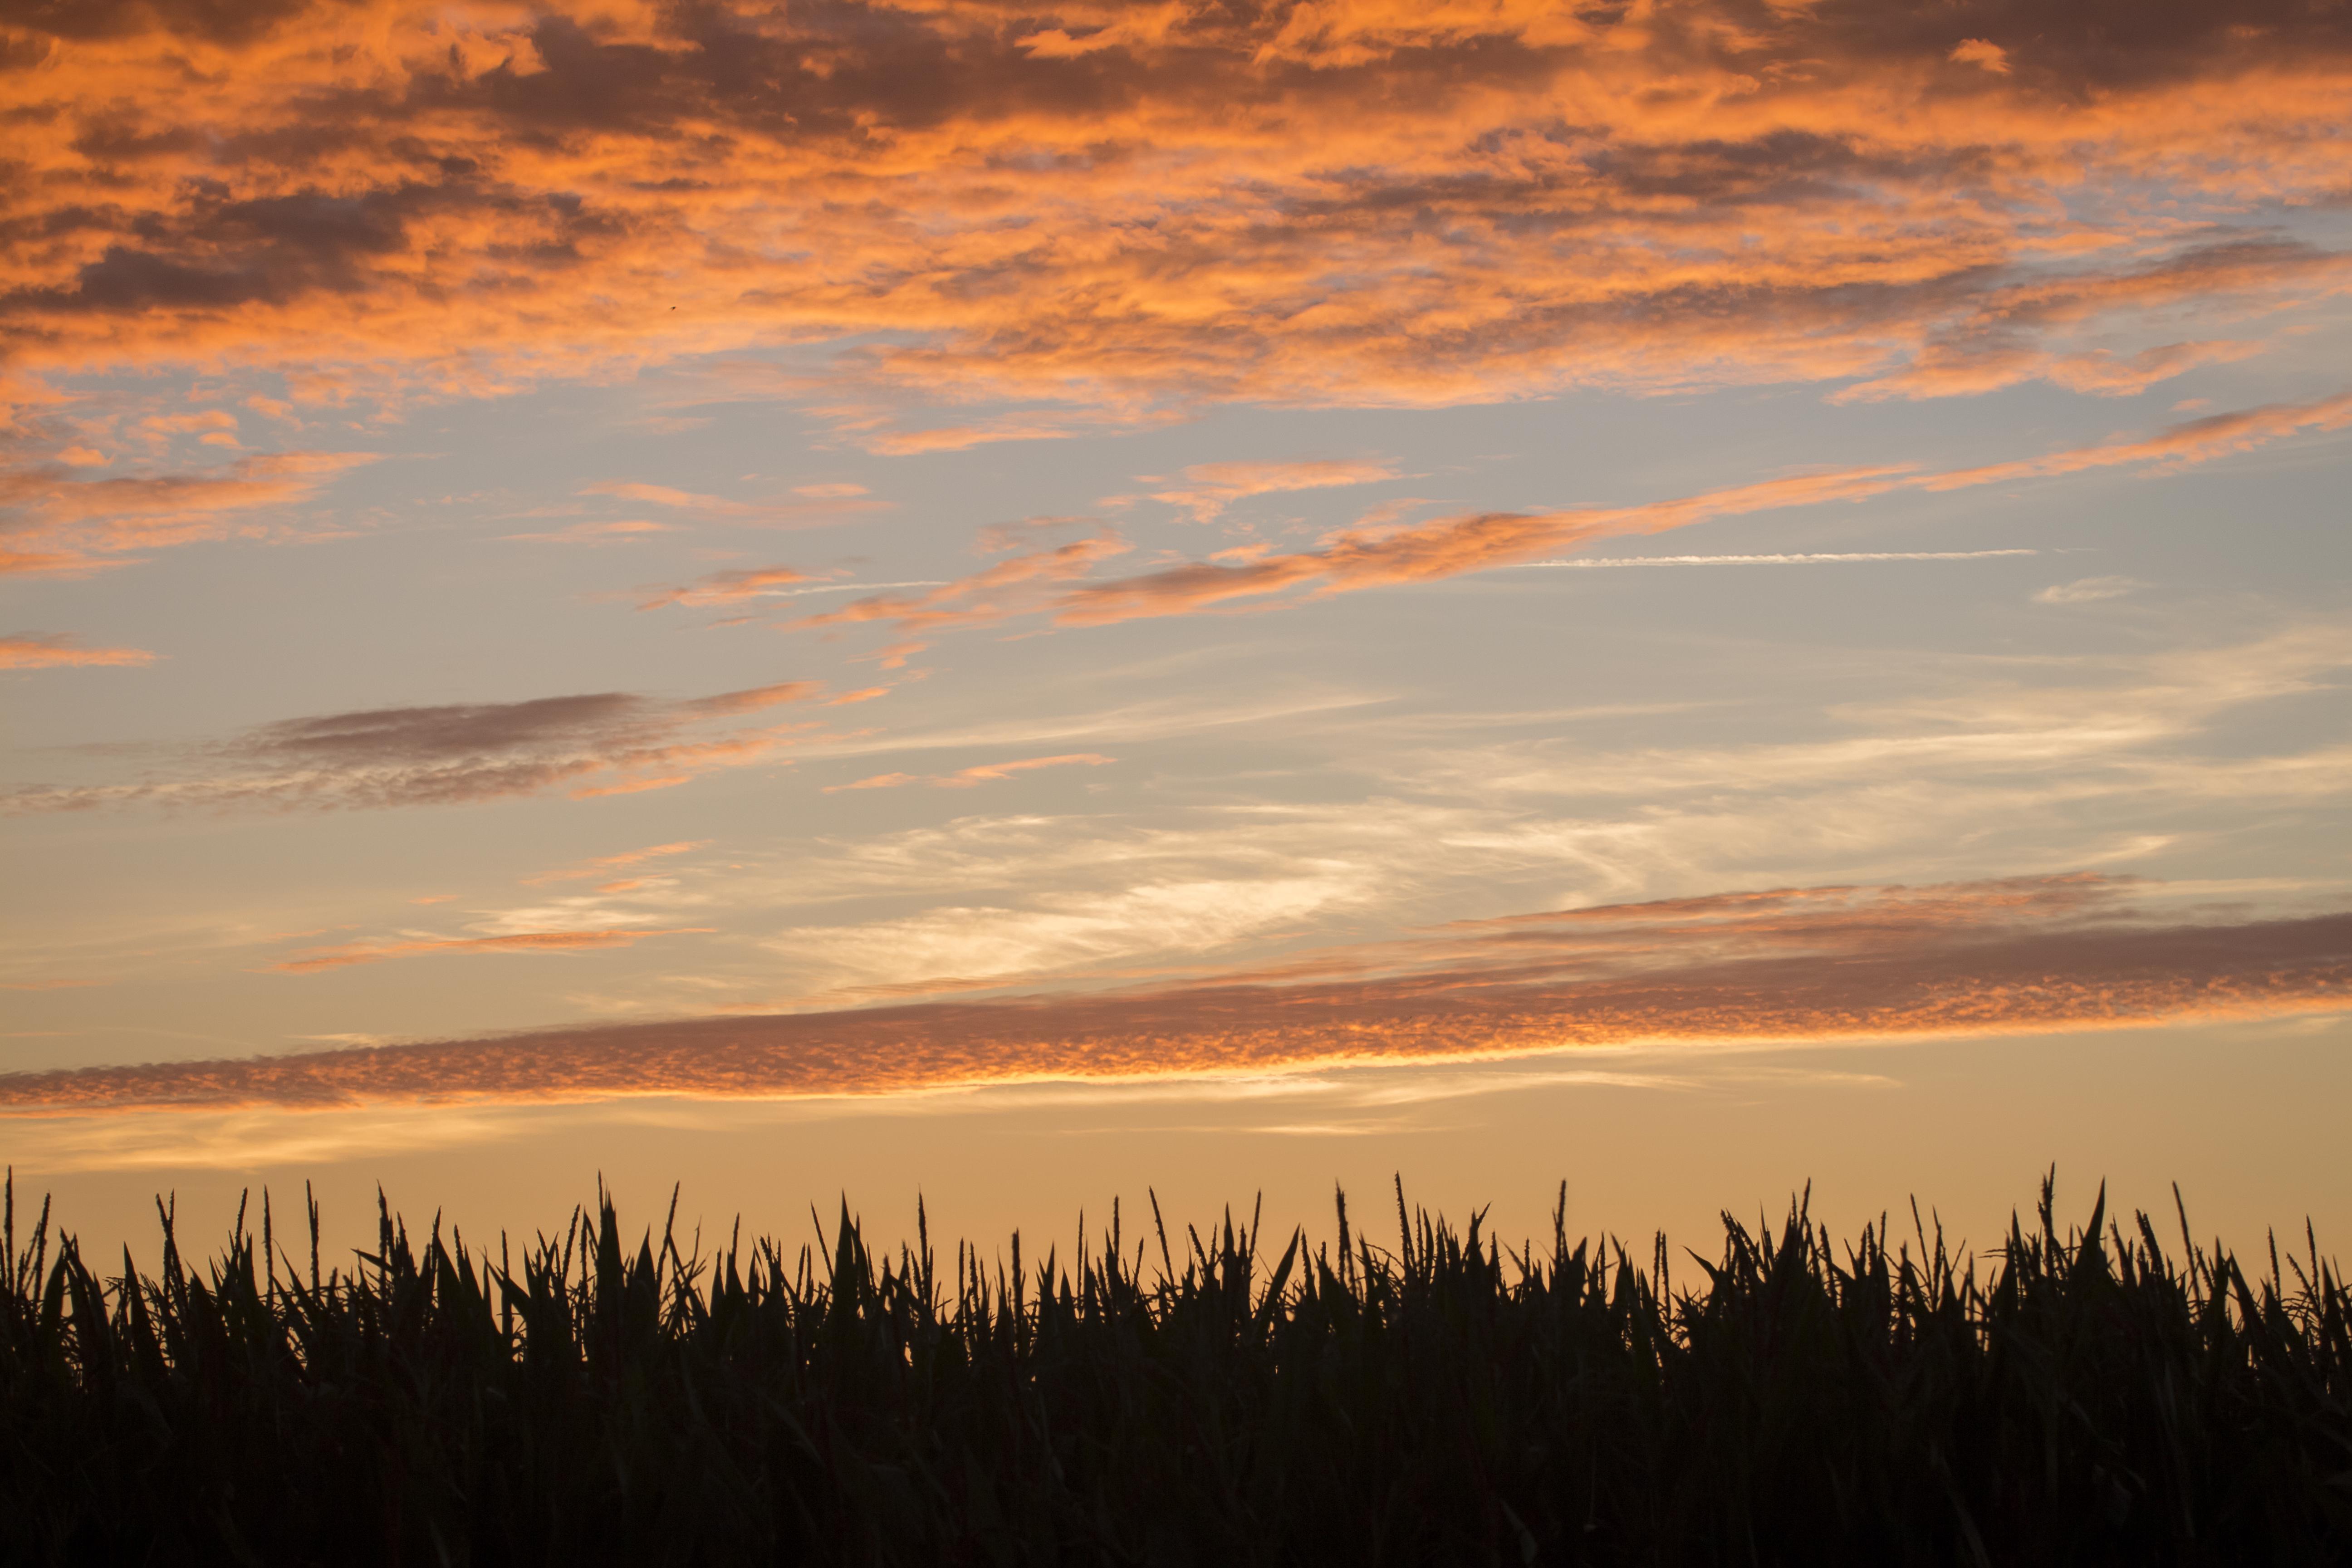 Beautiful Evening Sky by Danimatie on DeviantArt